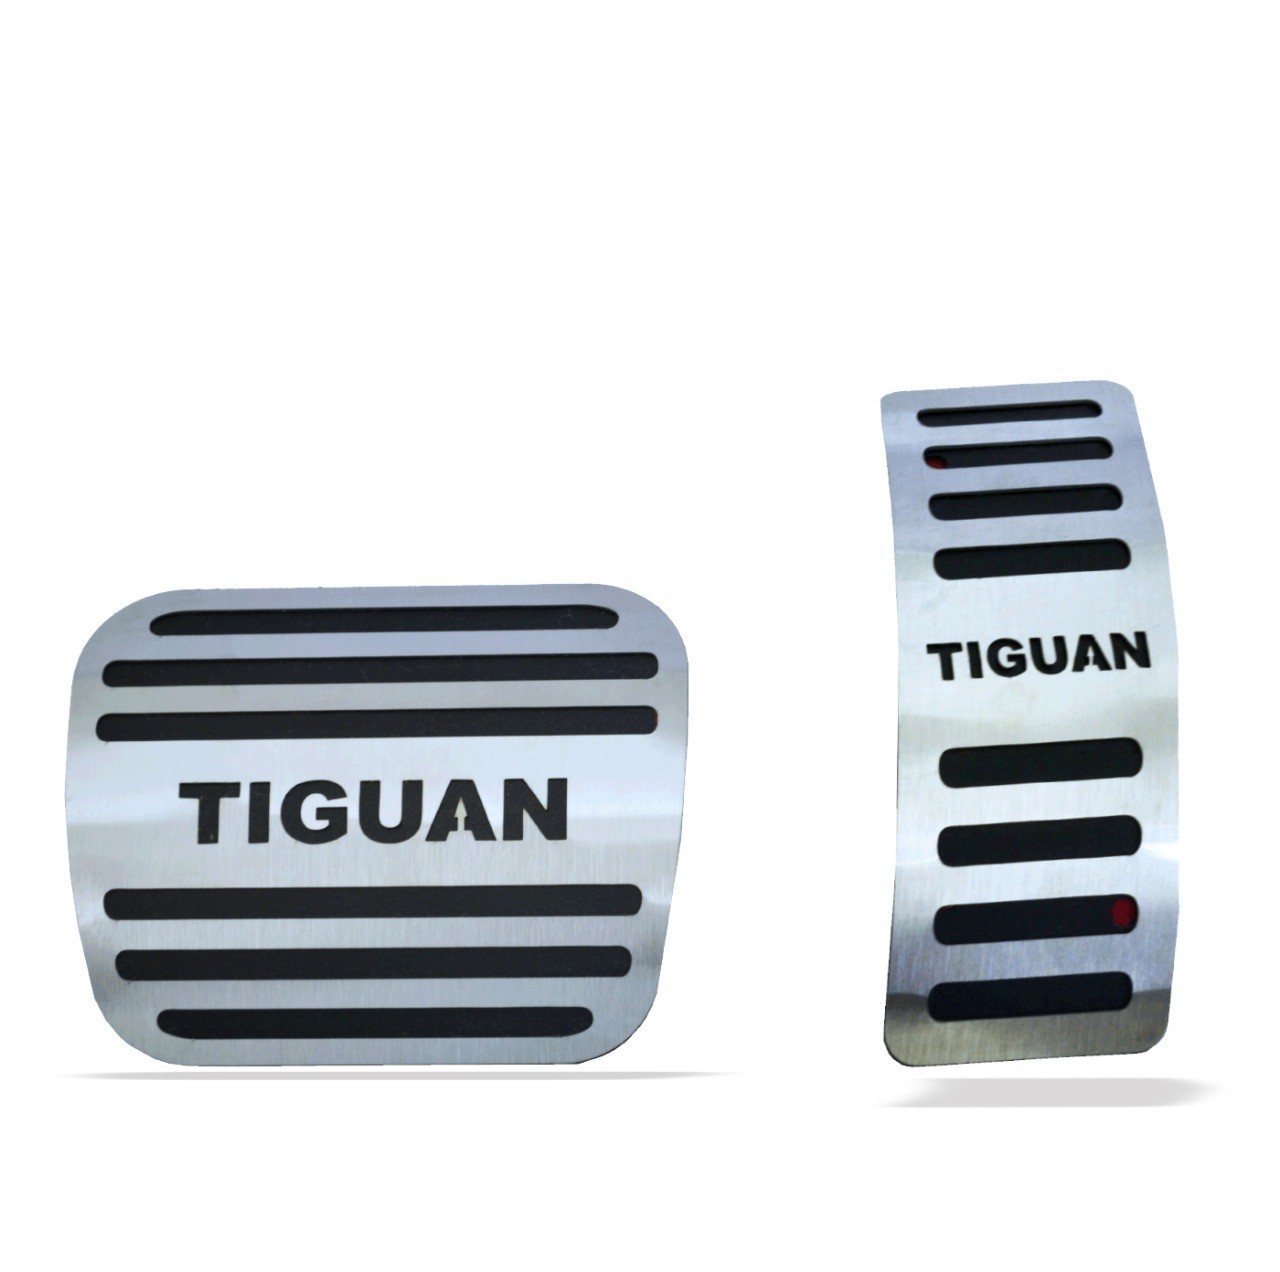 Pedaleira para Tiguan Automático em Aço Inox